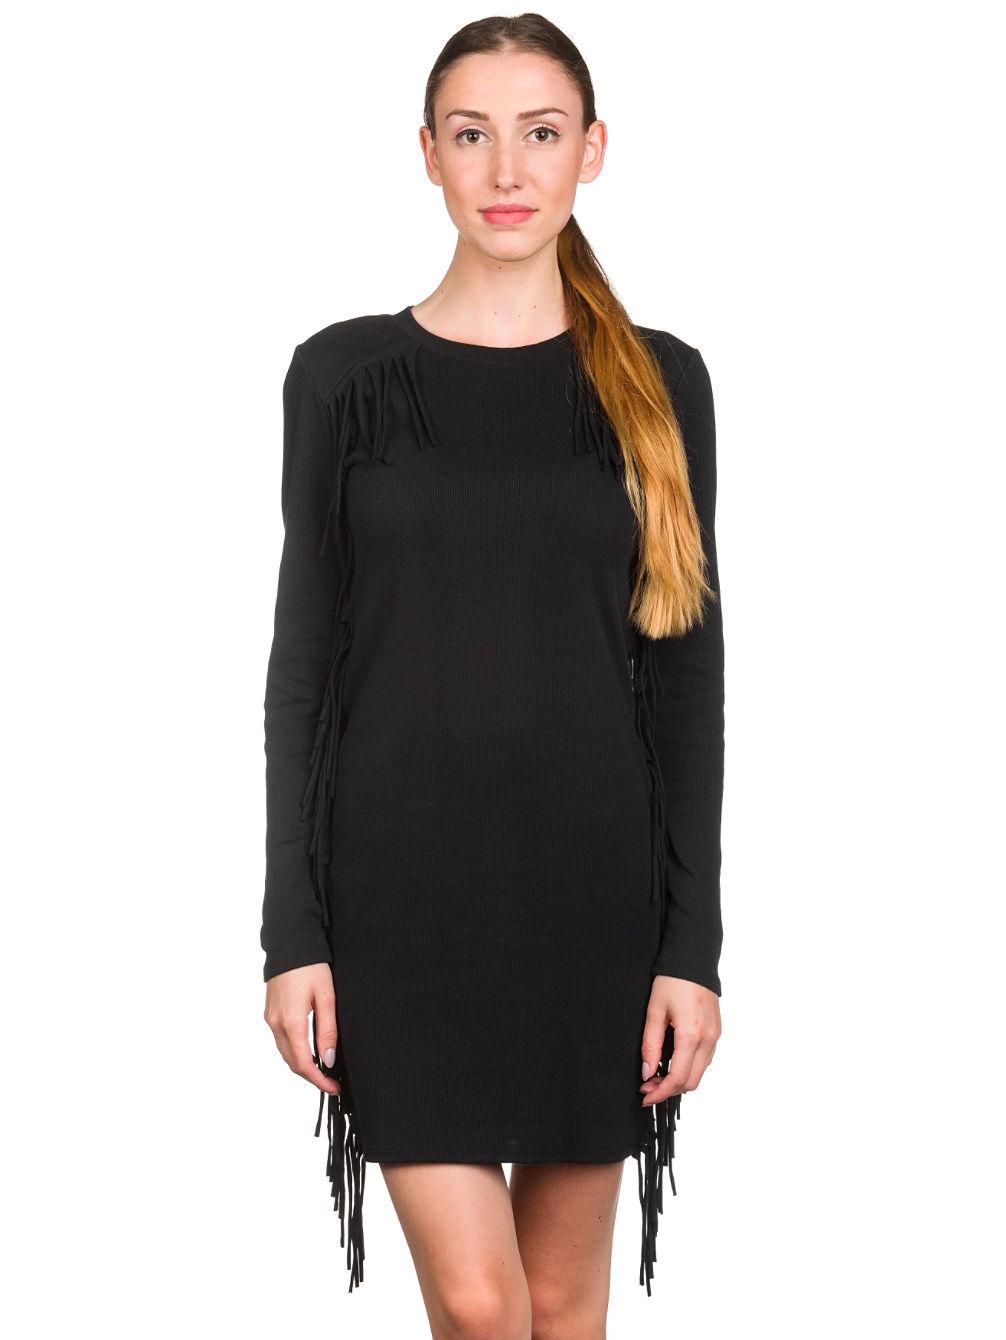 Volcom Thunderstruck Dress